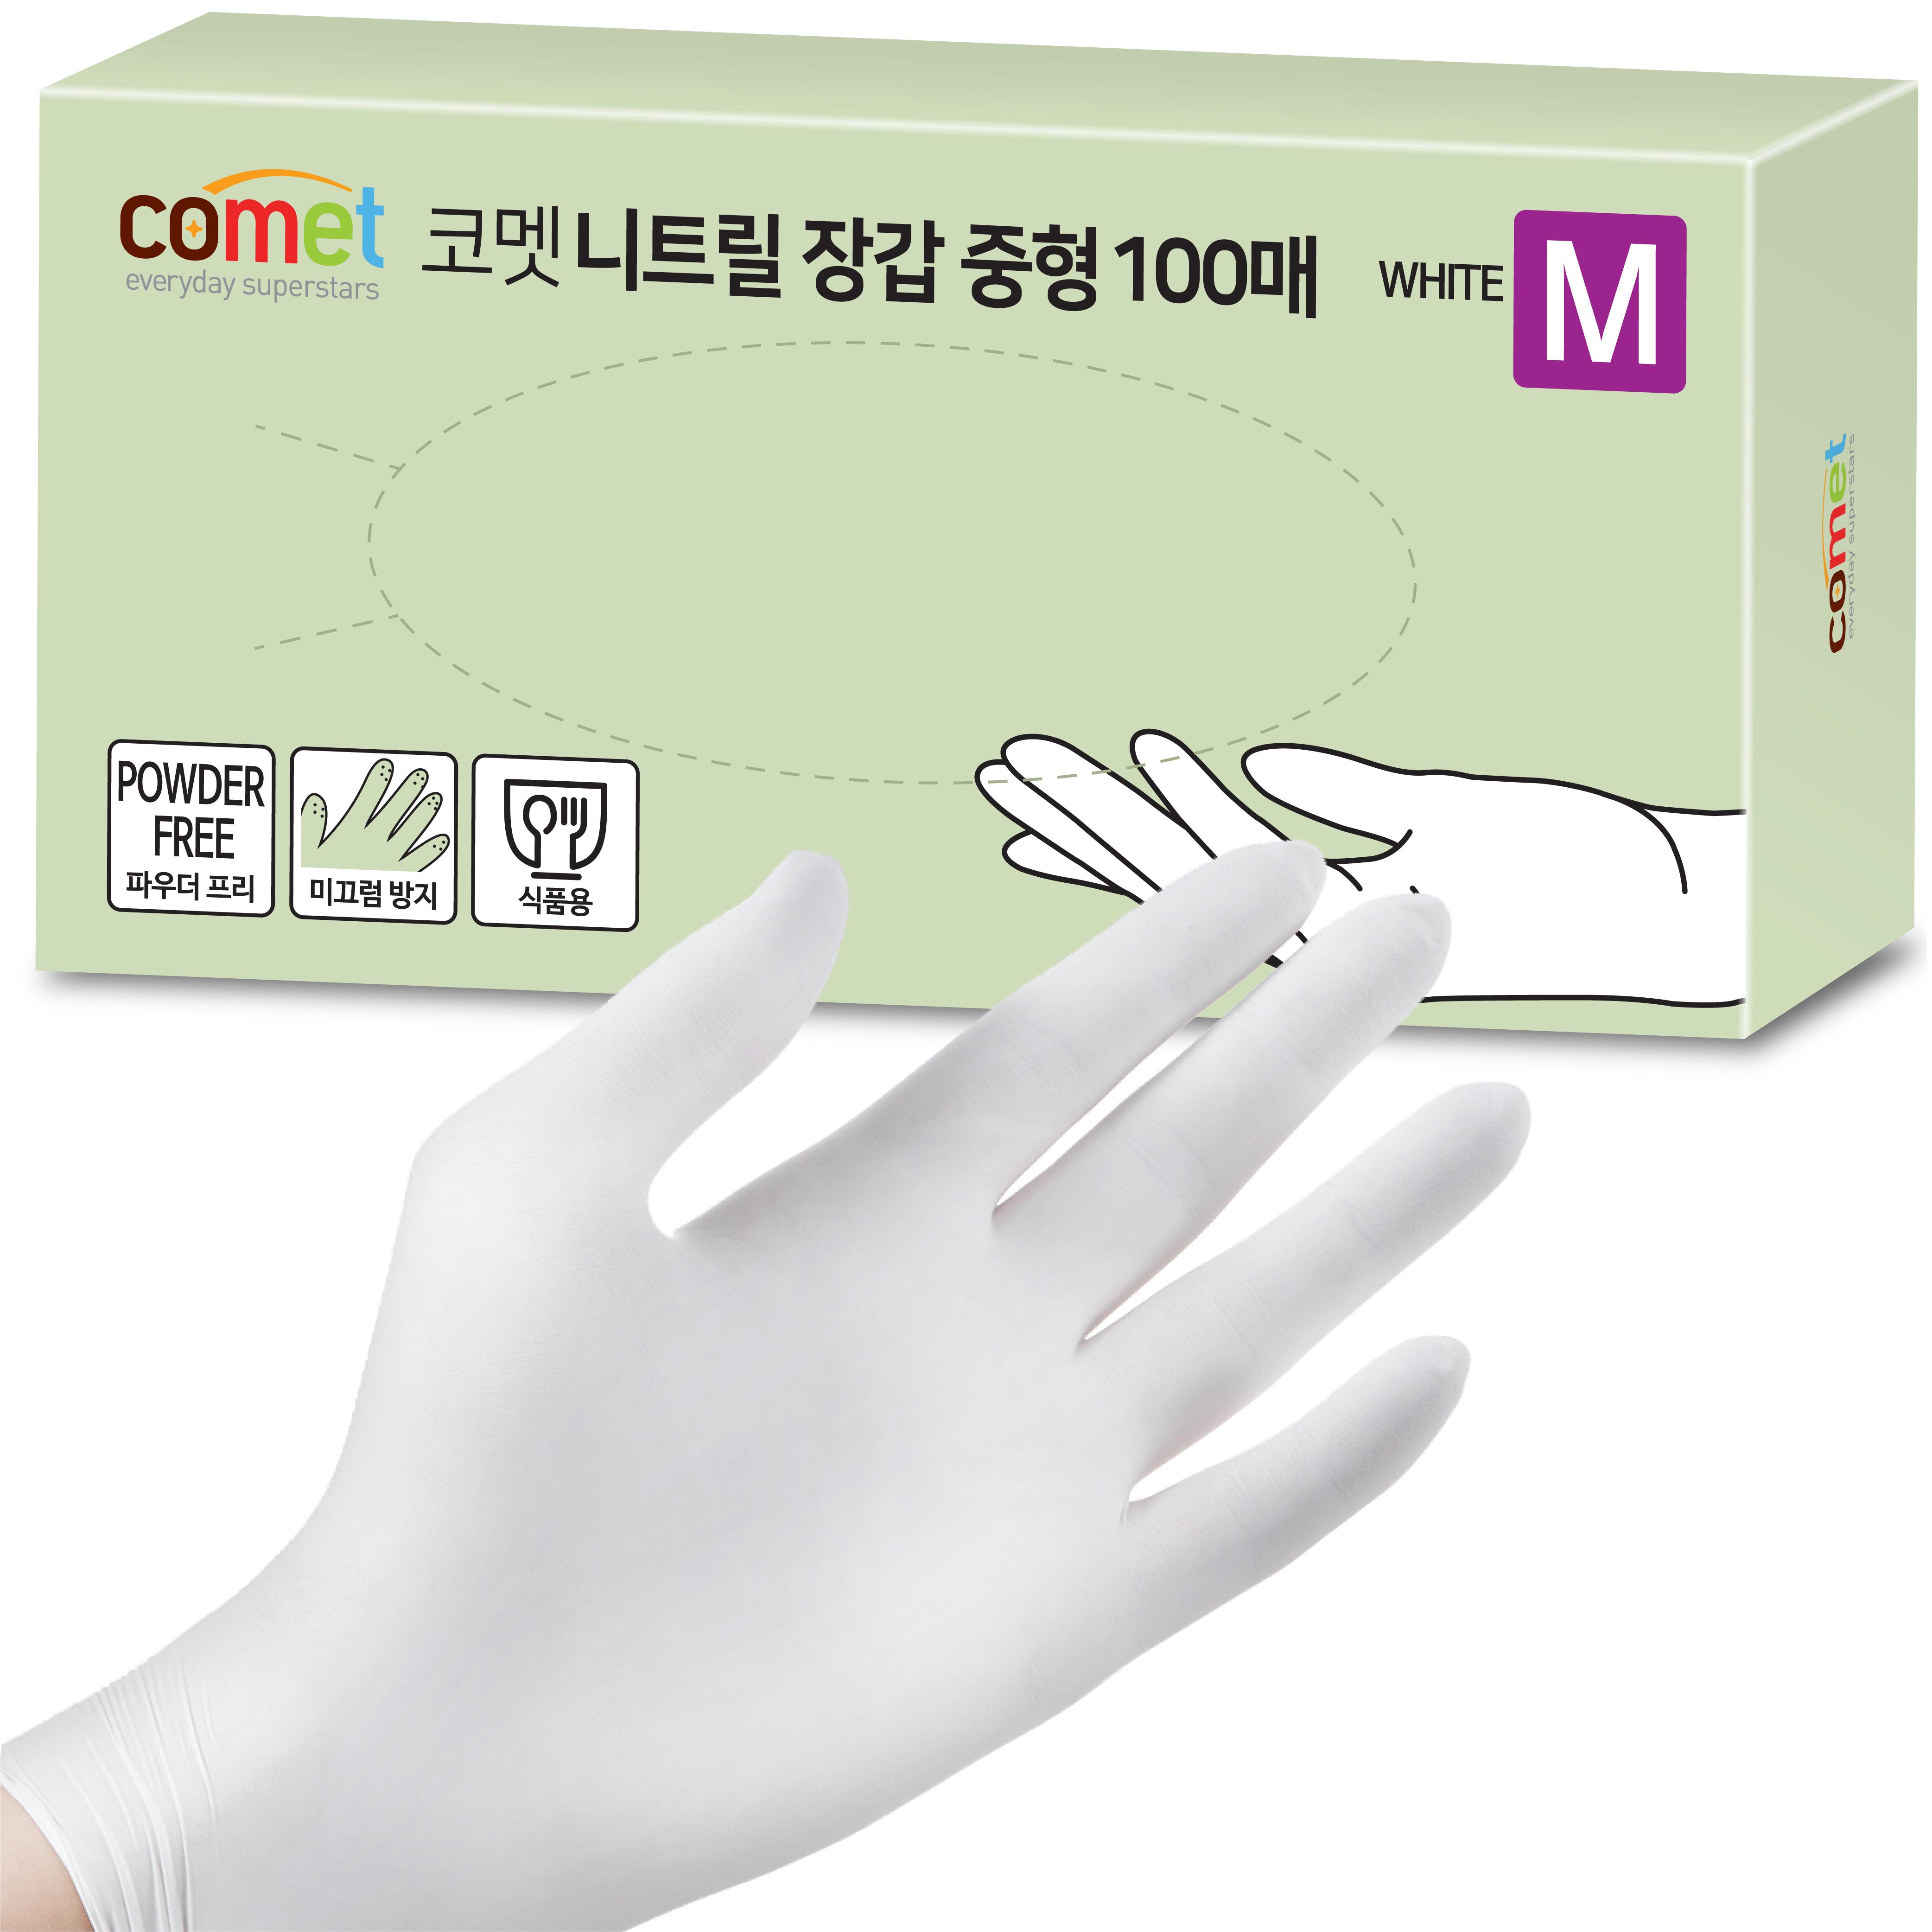 코멧 니트릴장갑 화이트 M, 중(M), 100매, 1개 (POP 5471858965)